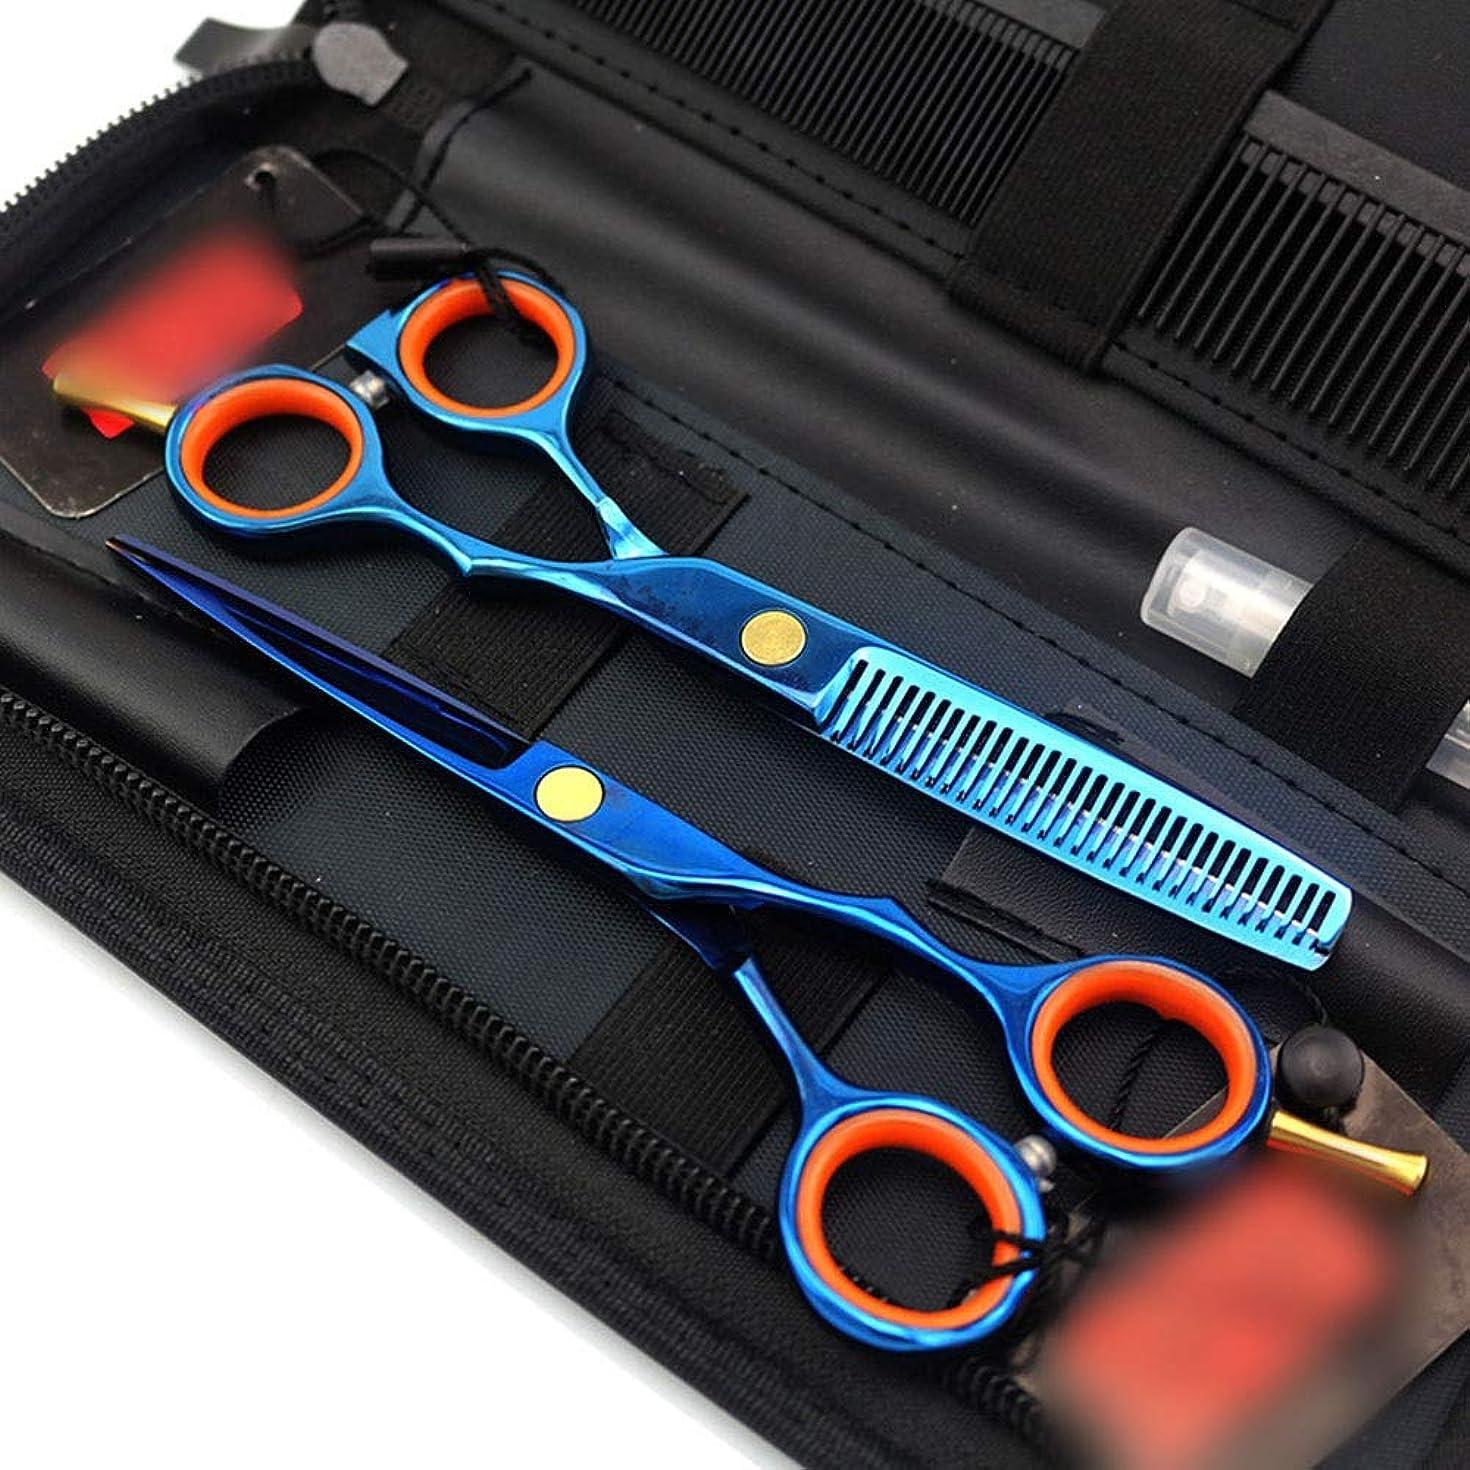 最終的にファイアル接続Goodsok-jp 5.5インチプロフェッショナルダブルヘアカットセット、ブルー理髪はさみセットフラットはさみ歯はさみ (色 : 青)